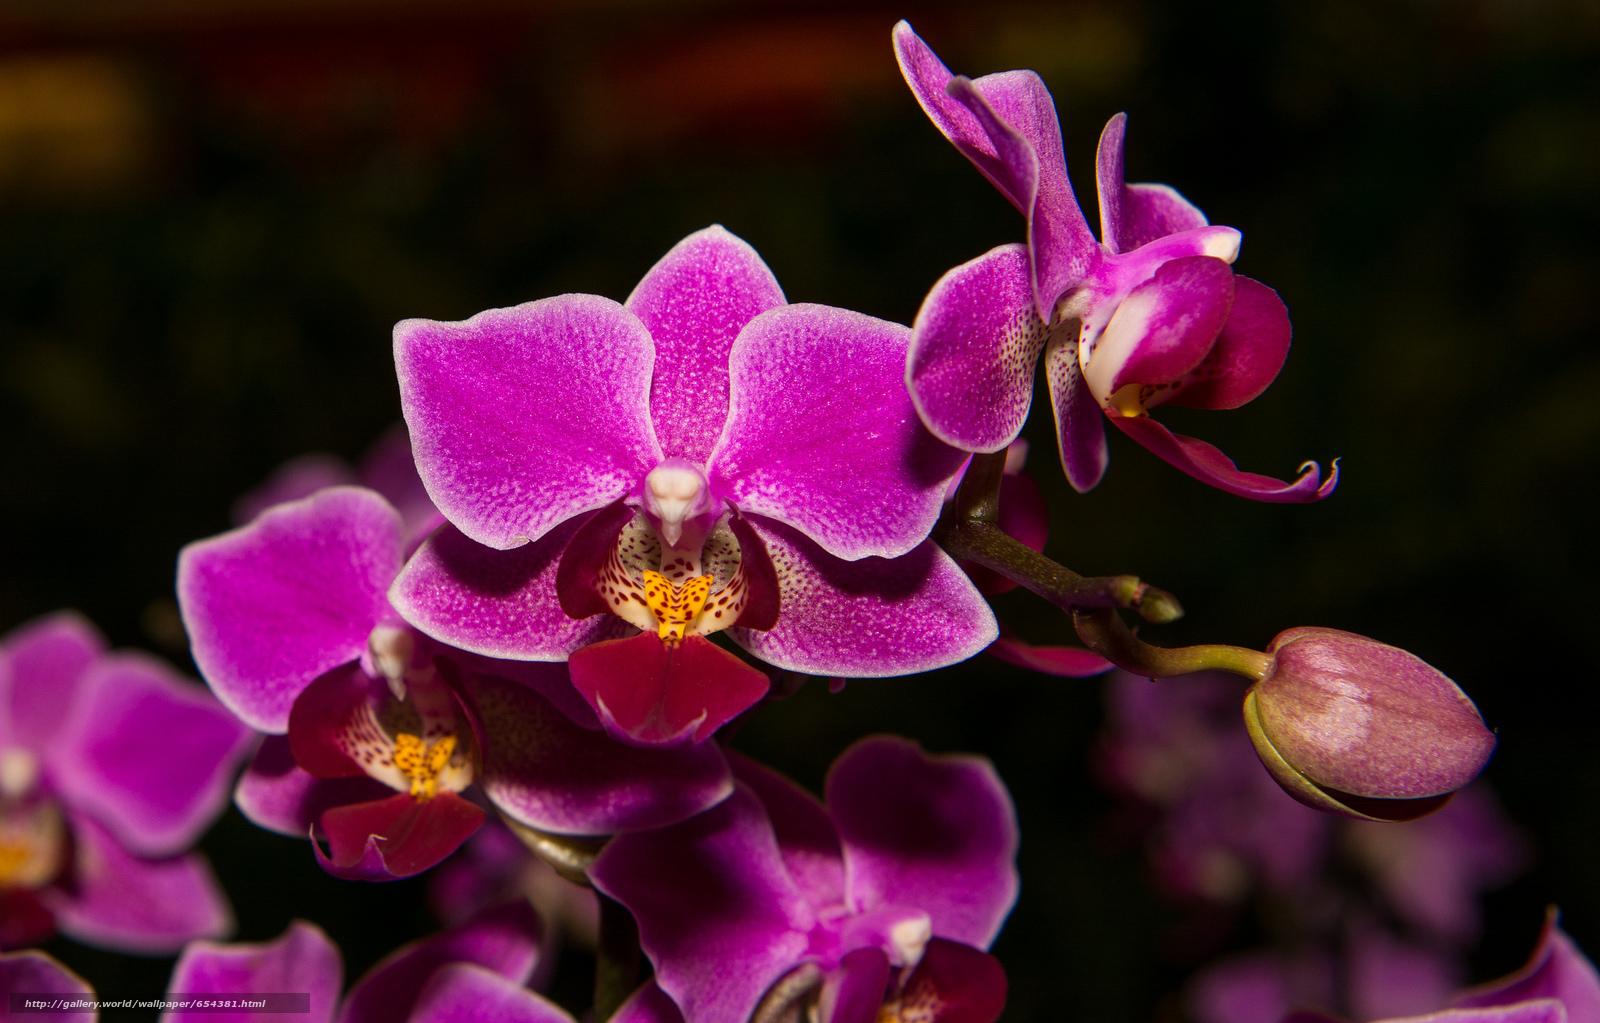 Скачать обои орхидея,  цветок,  флора бесплатно для рабочего стола в разрешении 2048x1309 — картинка №654381